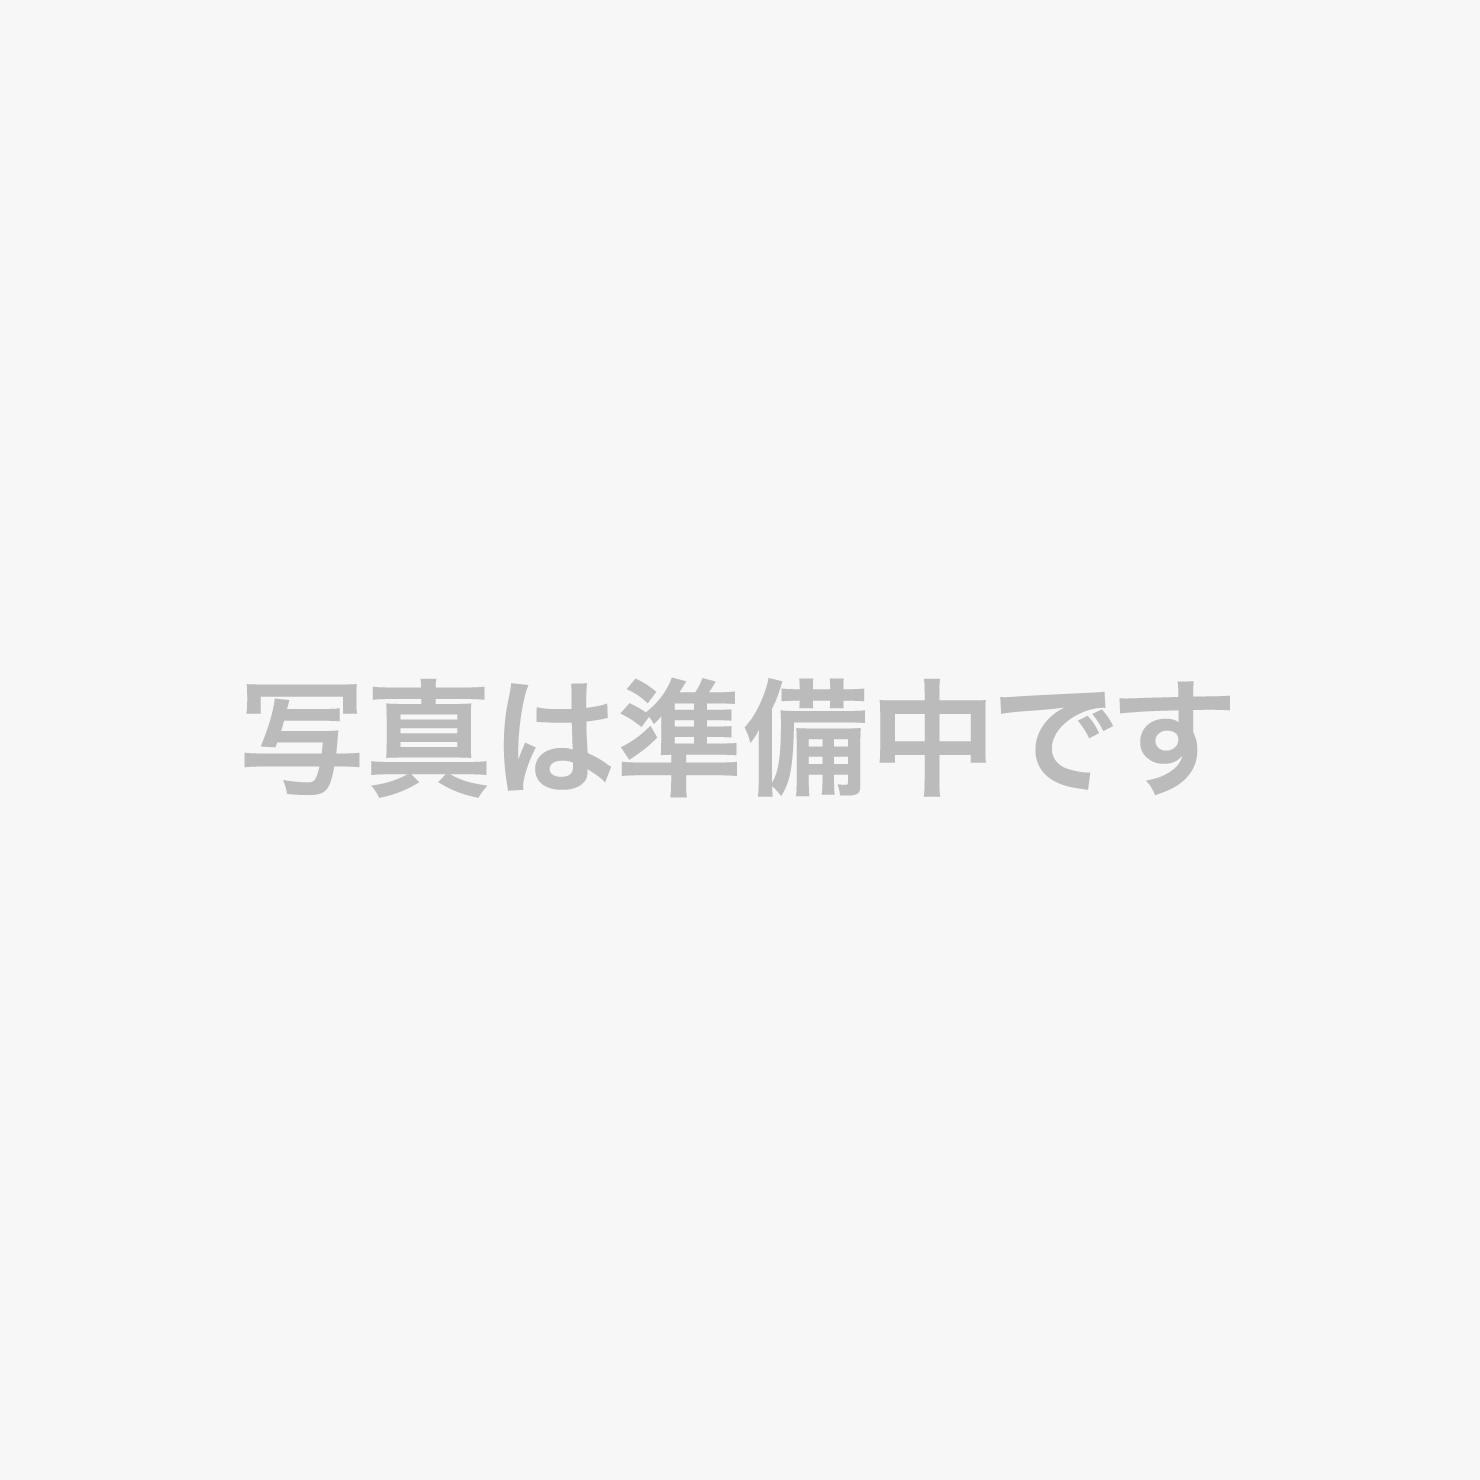 【デラックスツイン】42平米ベッド幅122cm×195cm